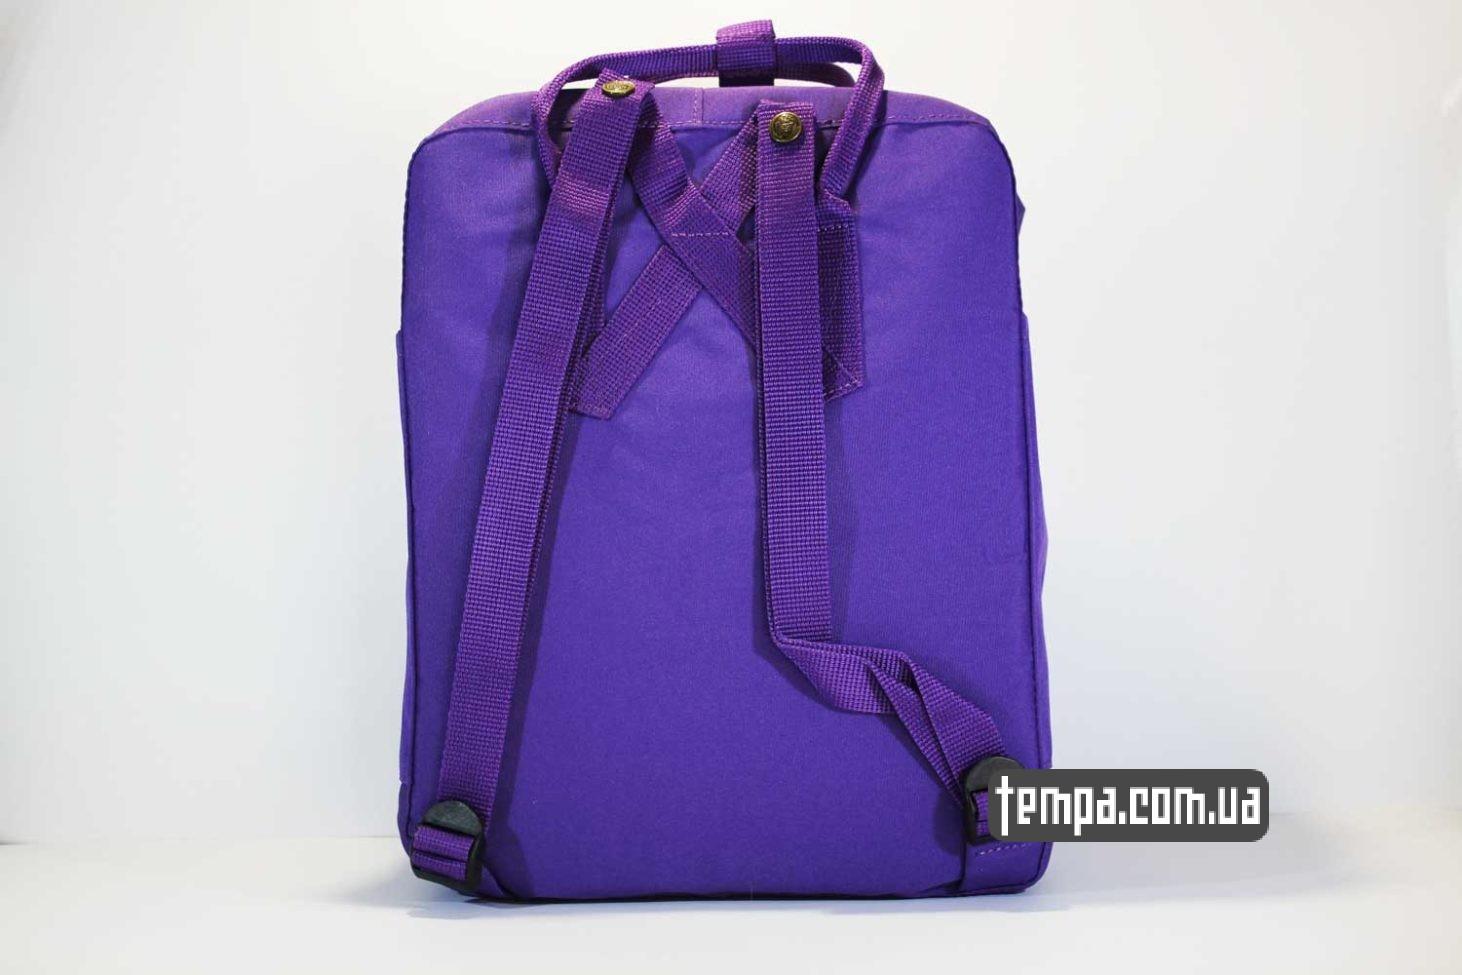 купить оригинал рюкзак re kanken fjallraven purple сиреневый фиолетовый